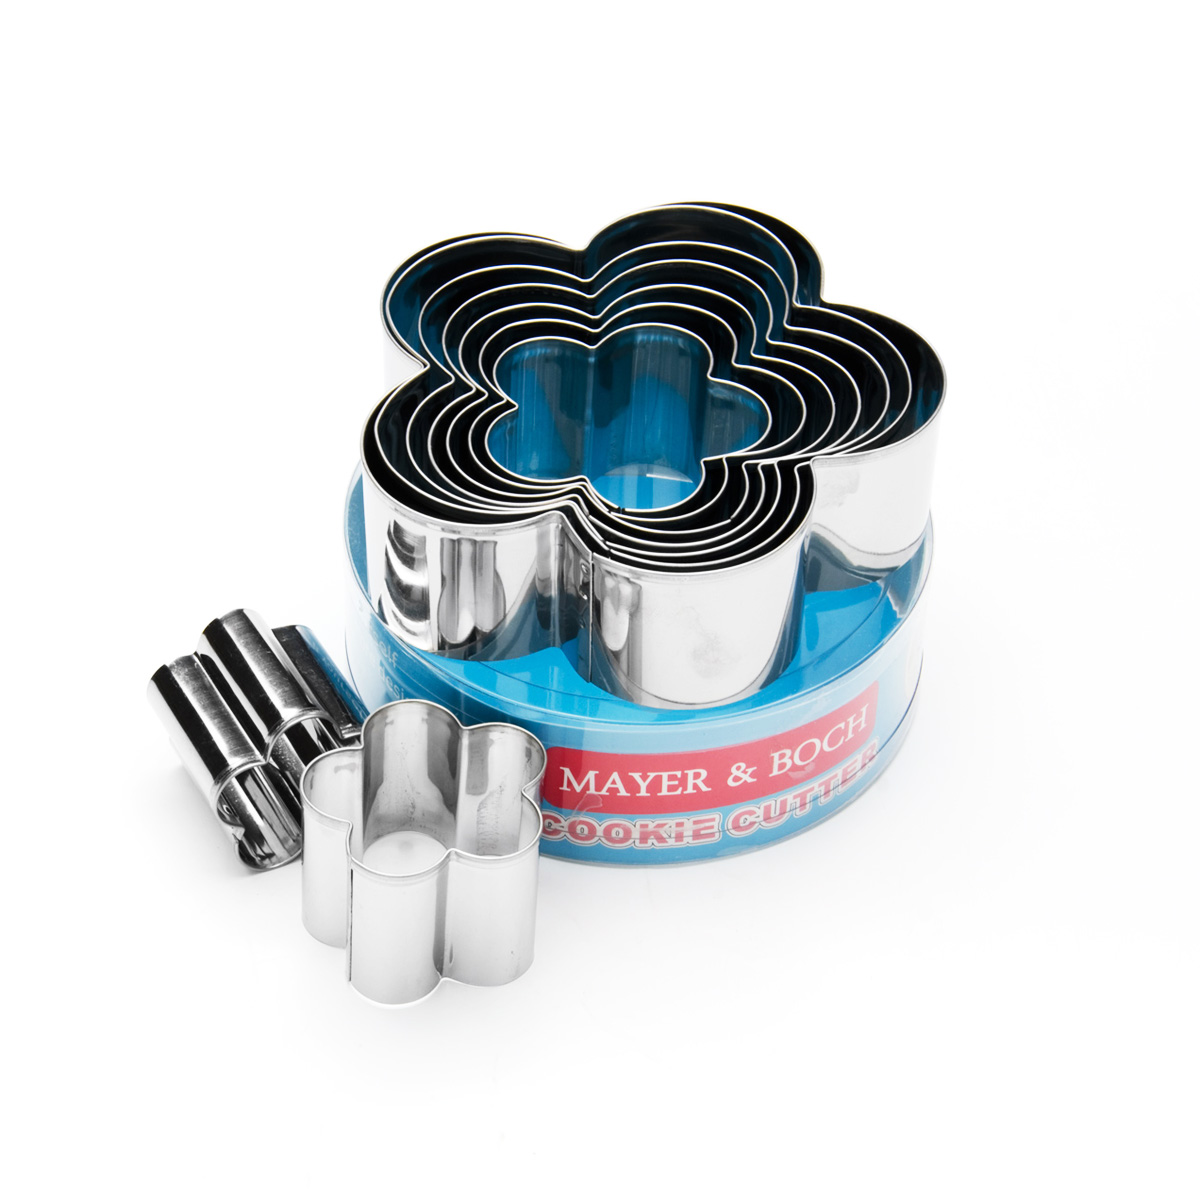 Набор форм для вырезания Mayer & Boch, 9 шт. 24001FS-91909Набор Mayer & Boch состоит из девяти форм для вырезания, выполненных из высококачественной нержавеющей стали. С такими формами для вырезания будет легко сделать забавные украшения и формы для вашего торта или кексов. Просто раскатайте мастику или тесто, и вырезайте! Можно мыть в посудомоечной машине. Диаметр форм: 11,5 см; 10,5 см; 9,5 см; 8,5 см; 7,5 см; 6,5 см; 5,5 см; 4,5 см; 3,5 см.Высота форм: 3,7 см.